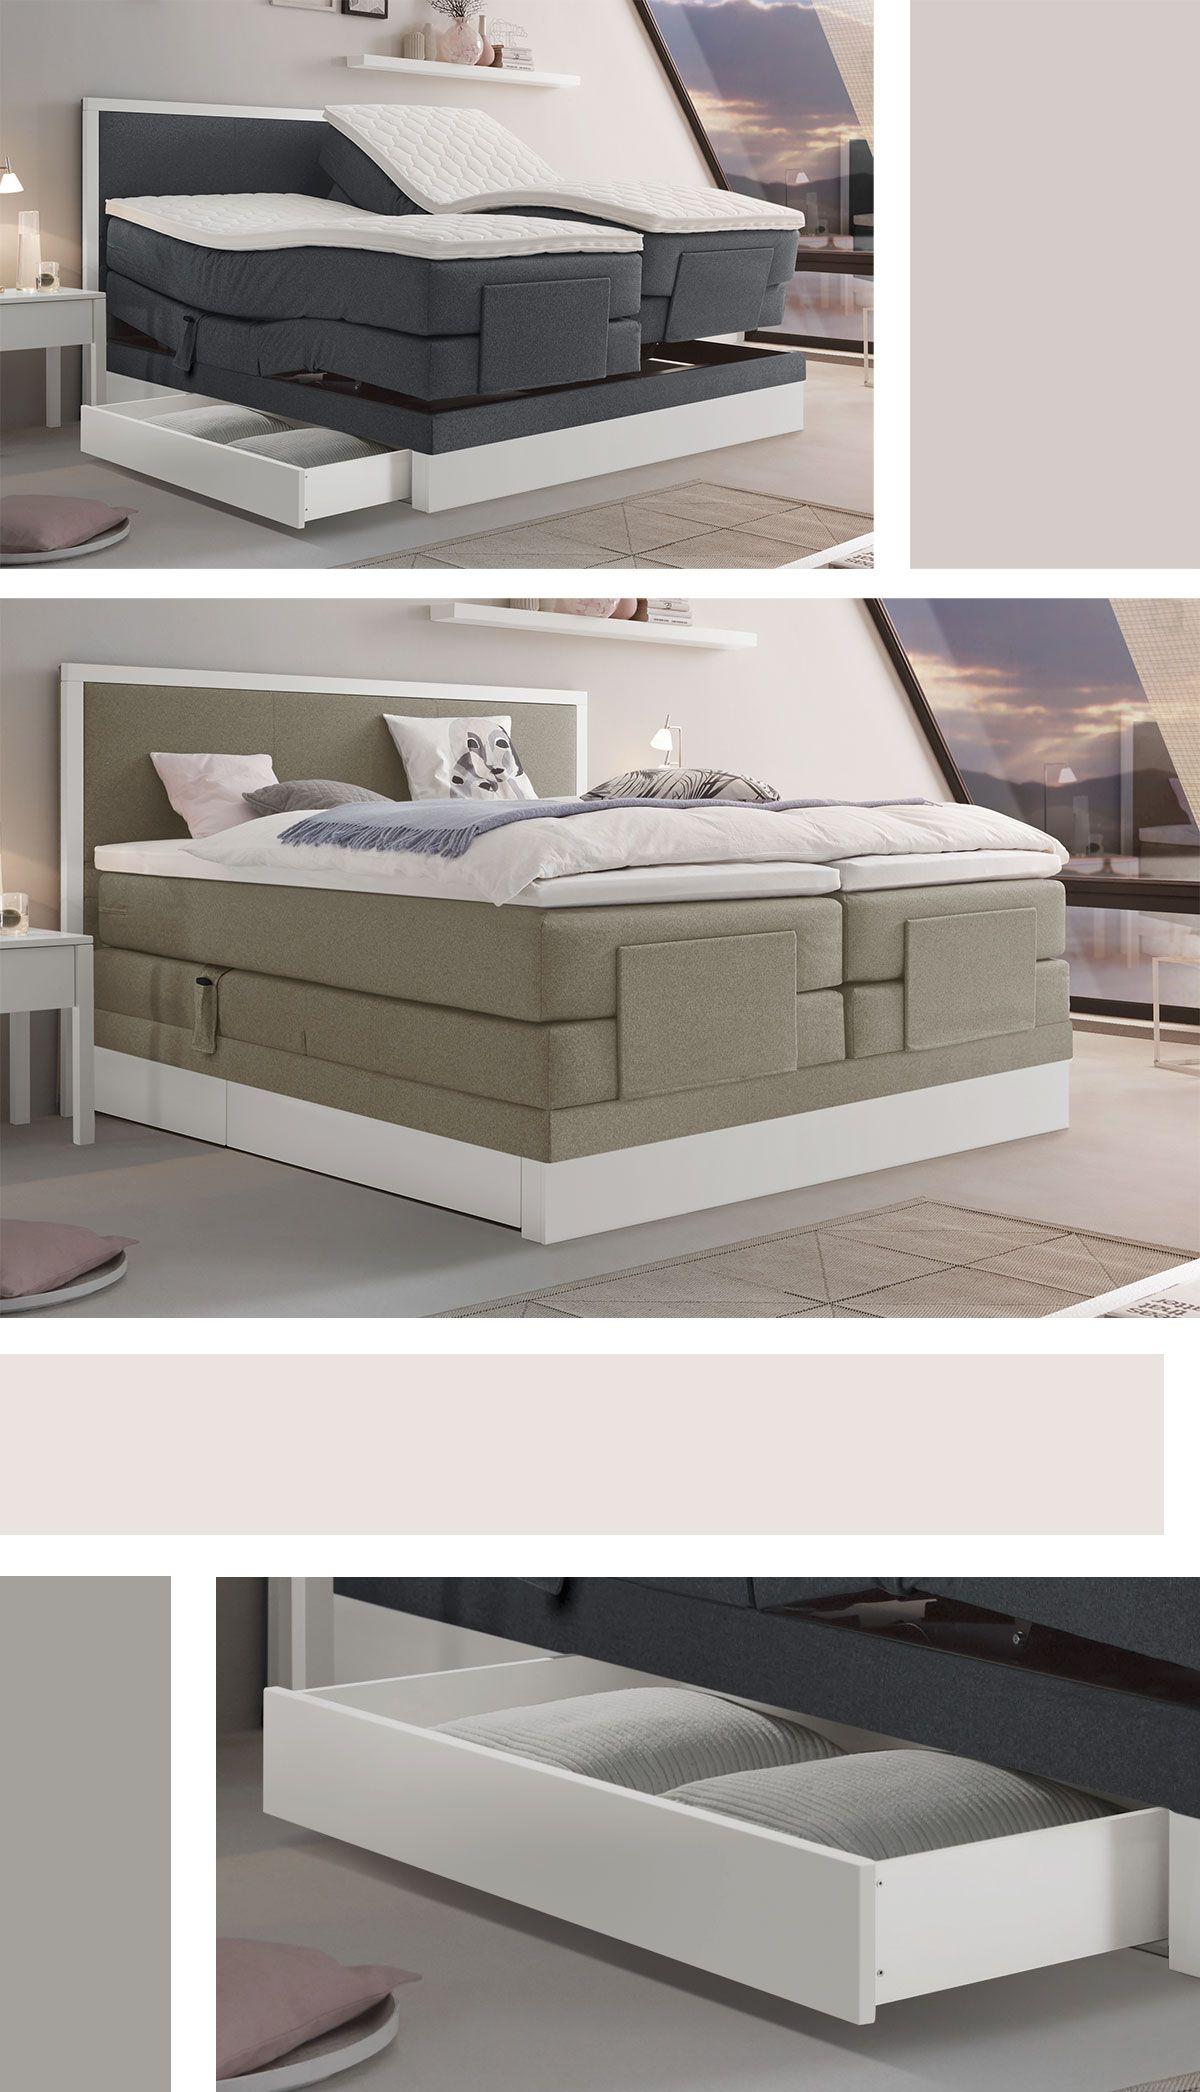 boxspringbett pando luxus life pinterest bett schlafzimmer bett und schlafzimmer. Black Bedroom Furniture Sets. Home Design Ideas